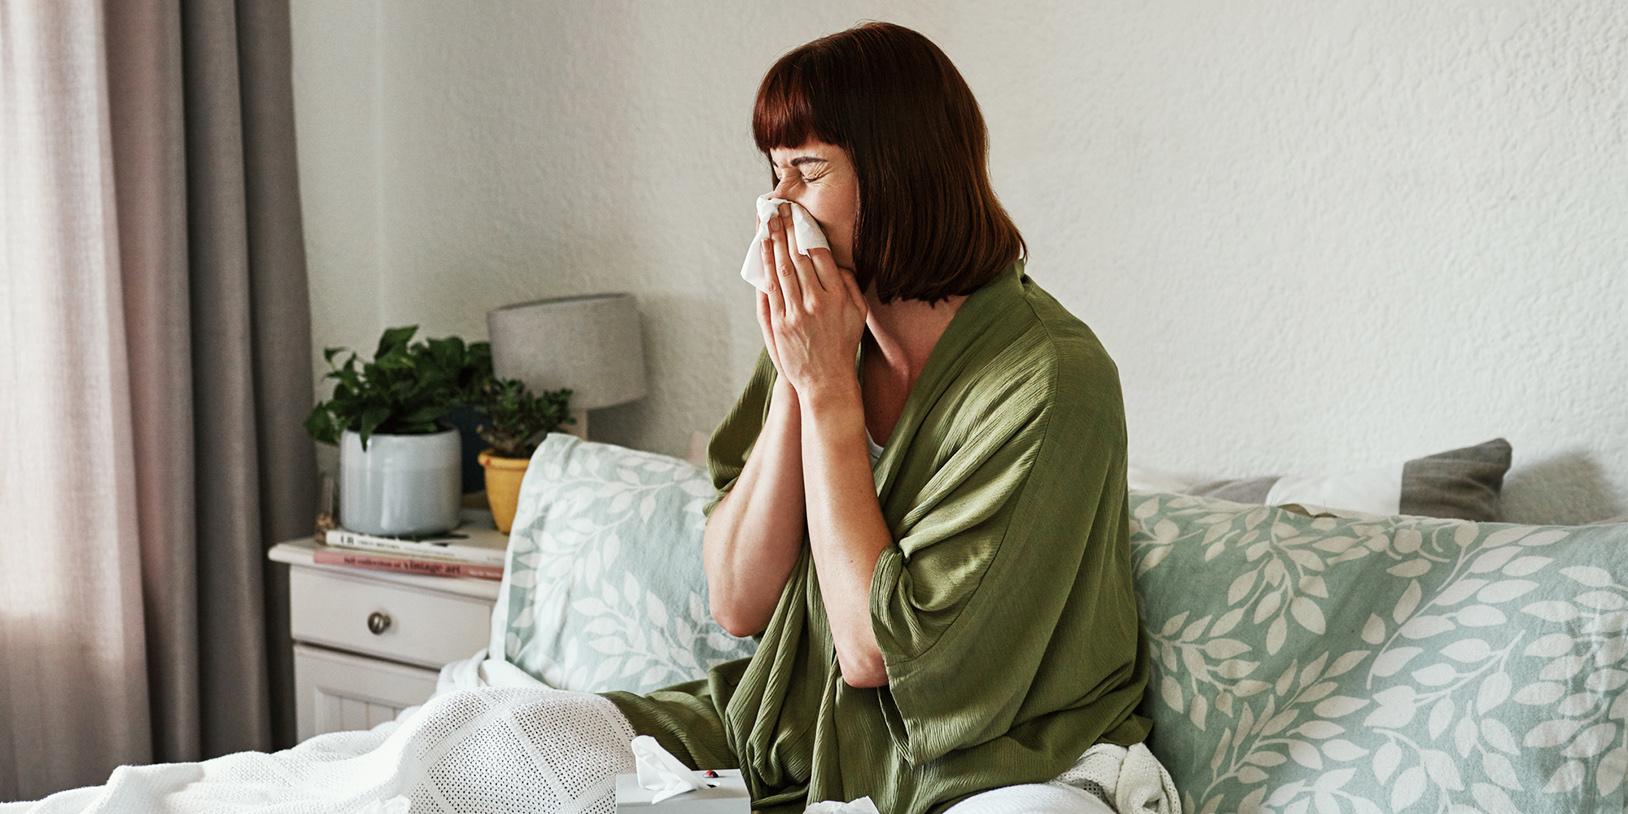 Skutki alergii i jej powikłania. Efekty przerwania odczulania